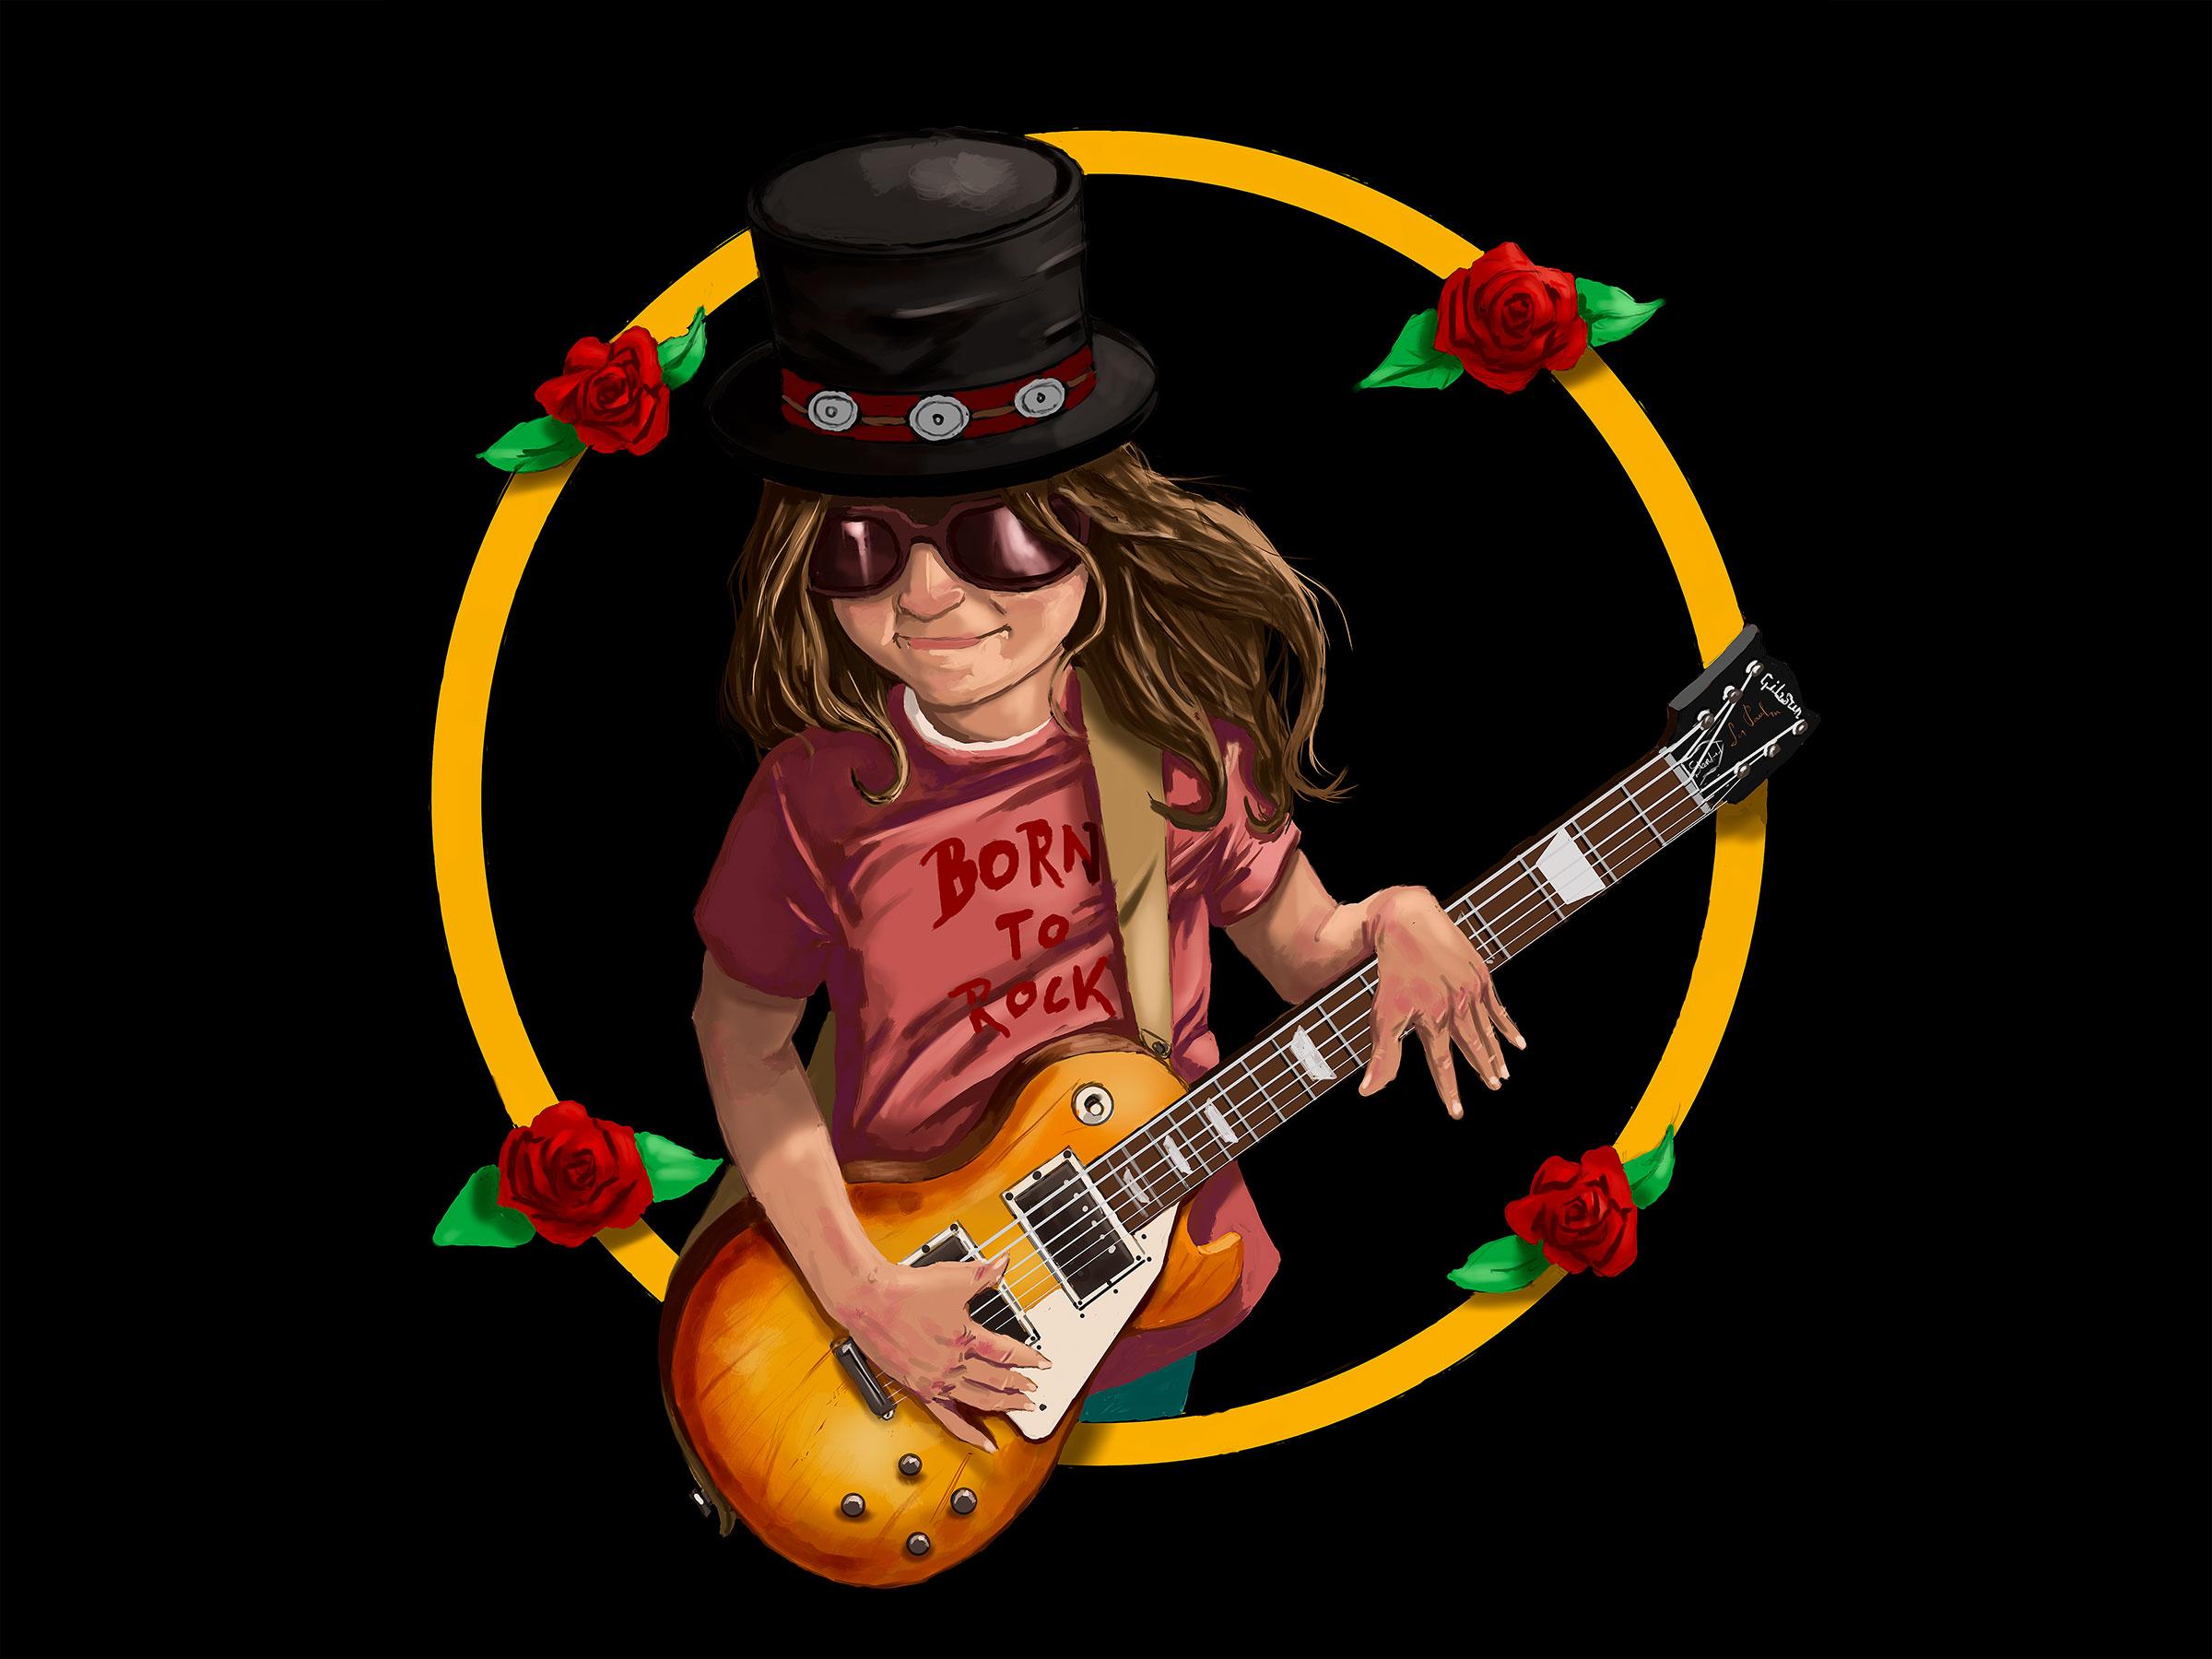 portrait d'une petite fille fan de Slash